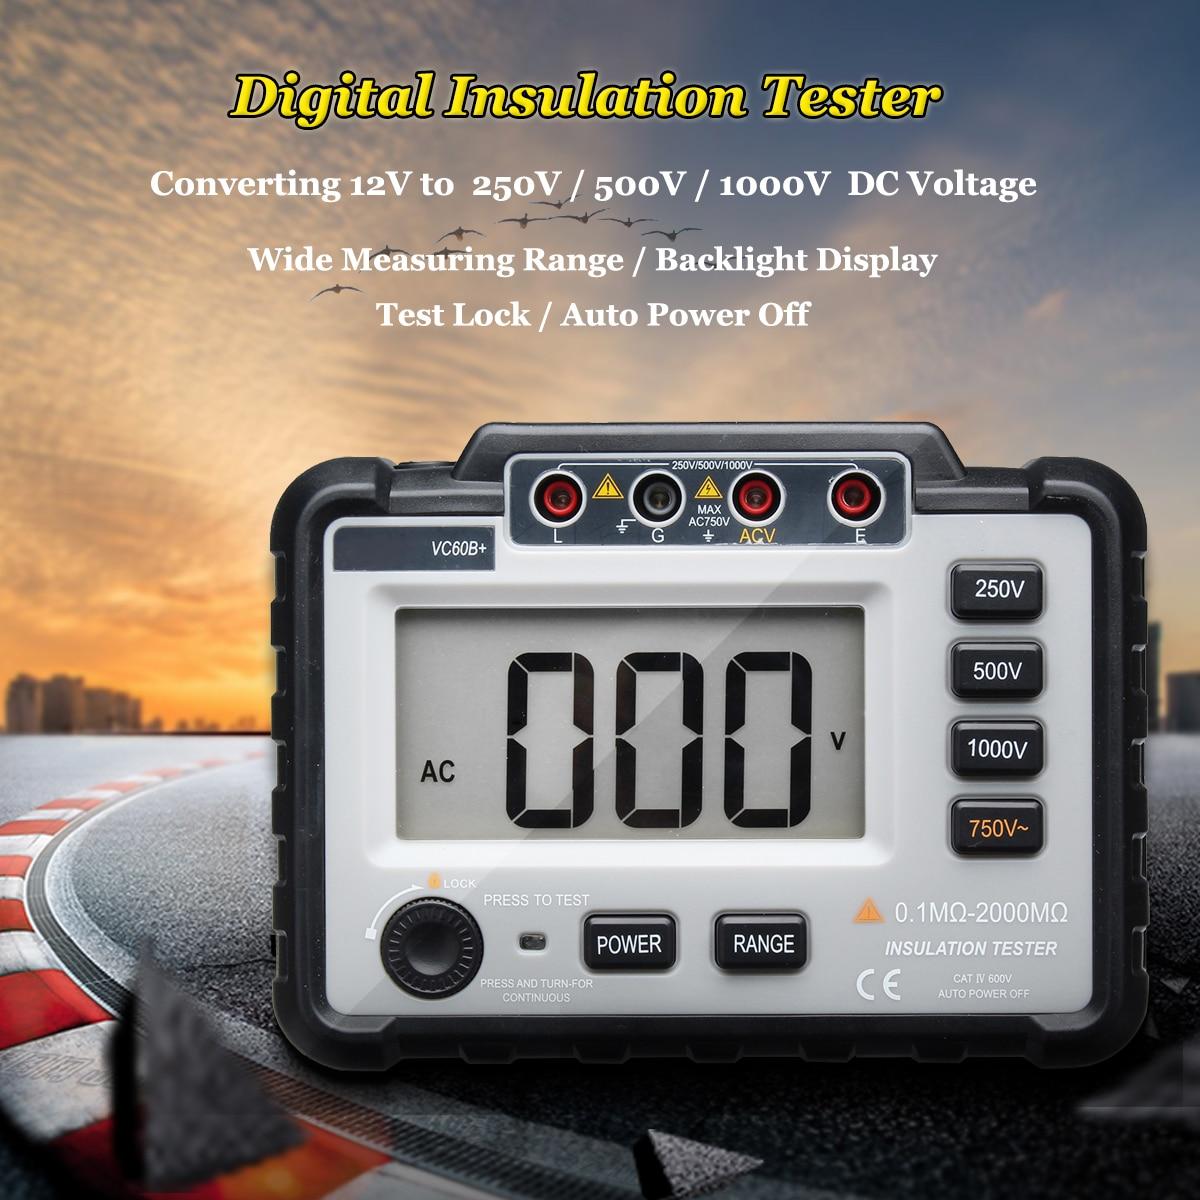 Jiguoor Digital Insulation Resistance Tester Megger MegOhm Meter 250/500/1000V DC Lightweight Wide Range LCD Backlight VC60B+